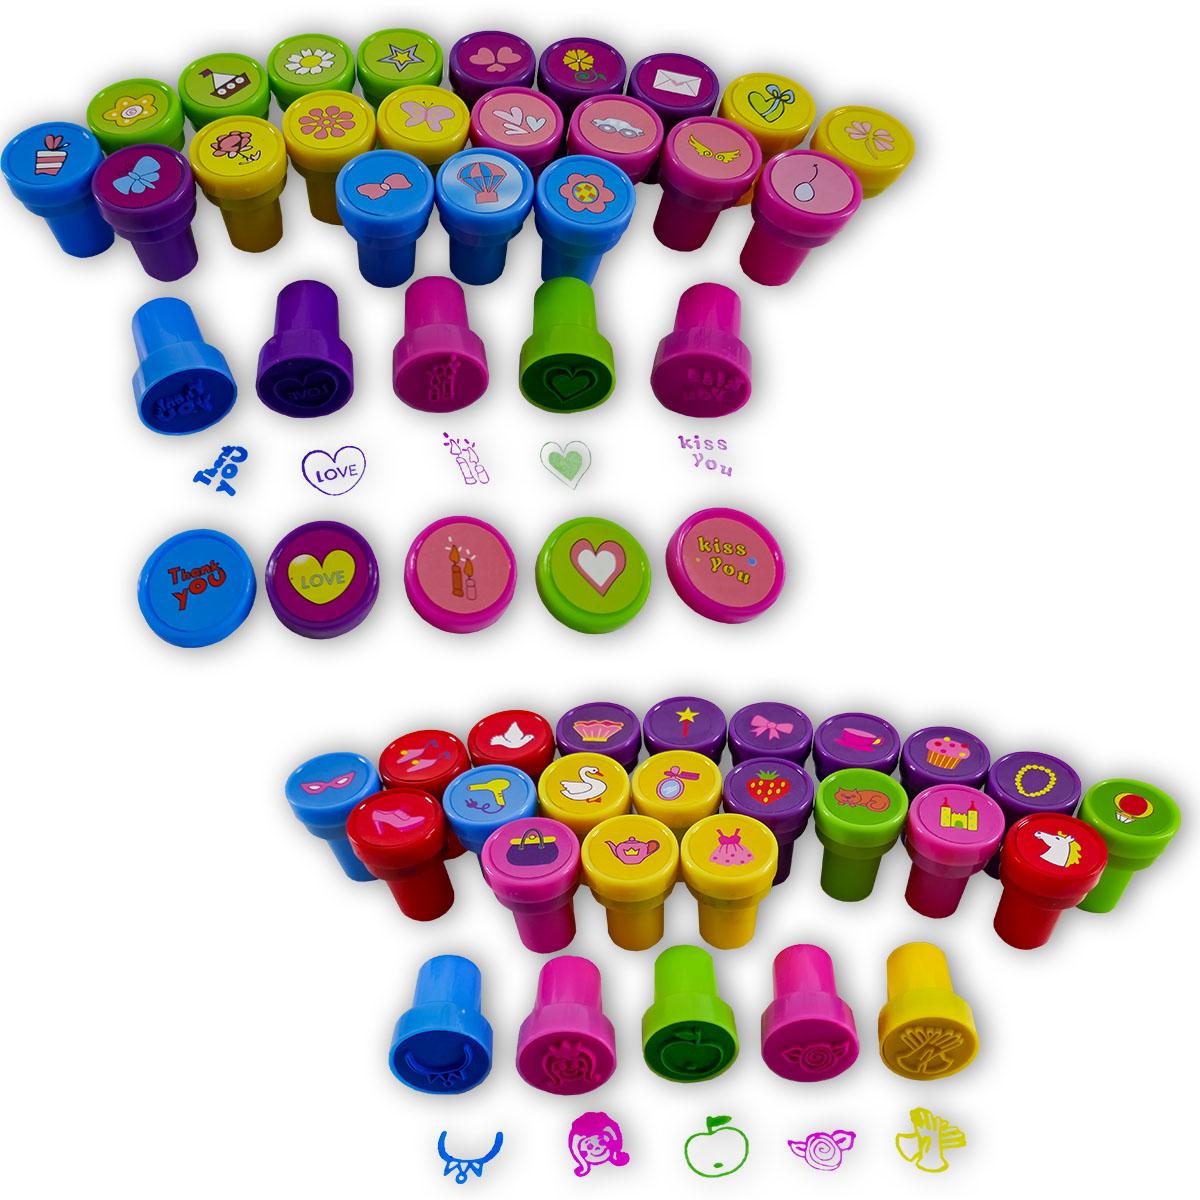 26-tlg. Stempel-Set mit verschiedenen Motiven Image